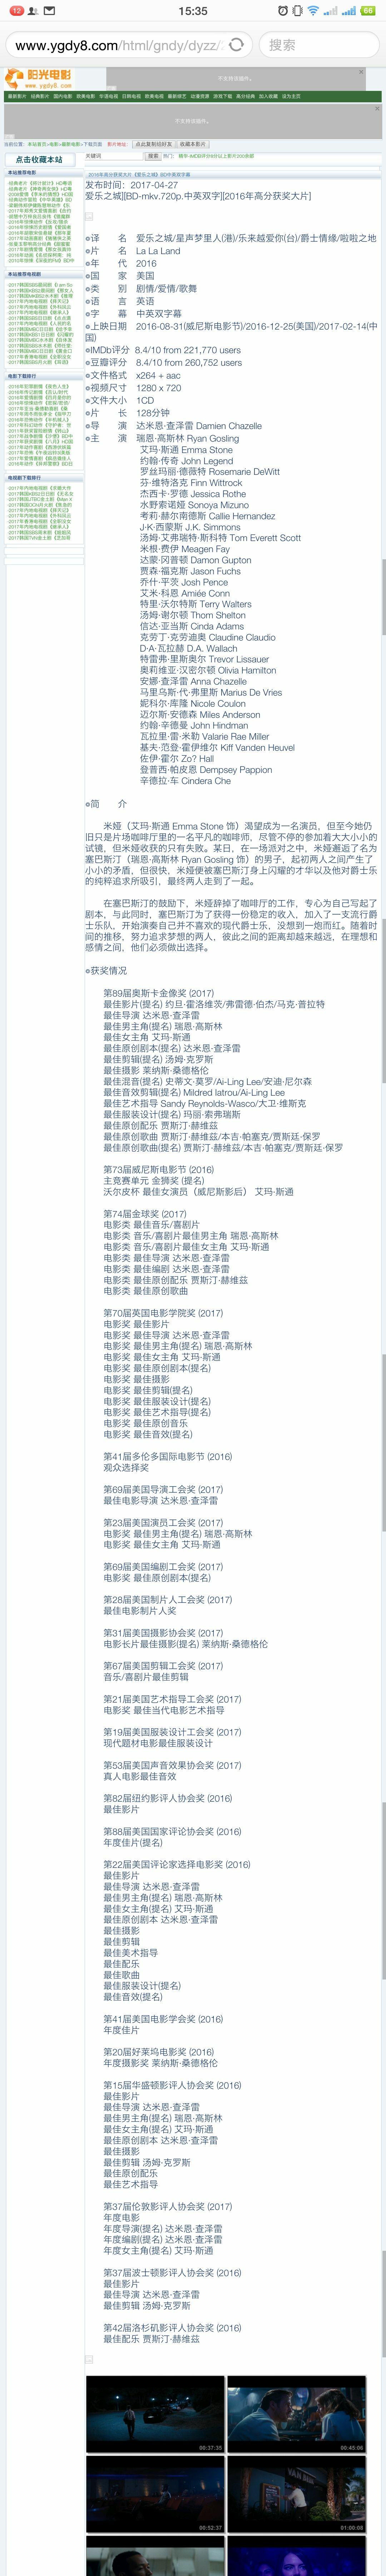 Screenshot_2018-01-08-15-36-10-620_???.jpg